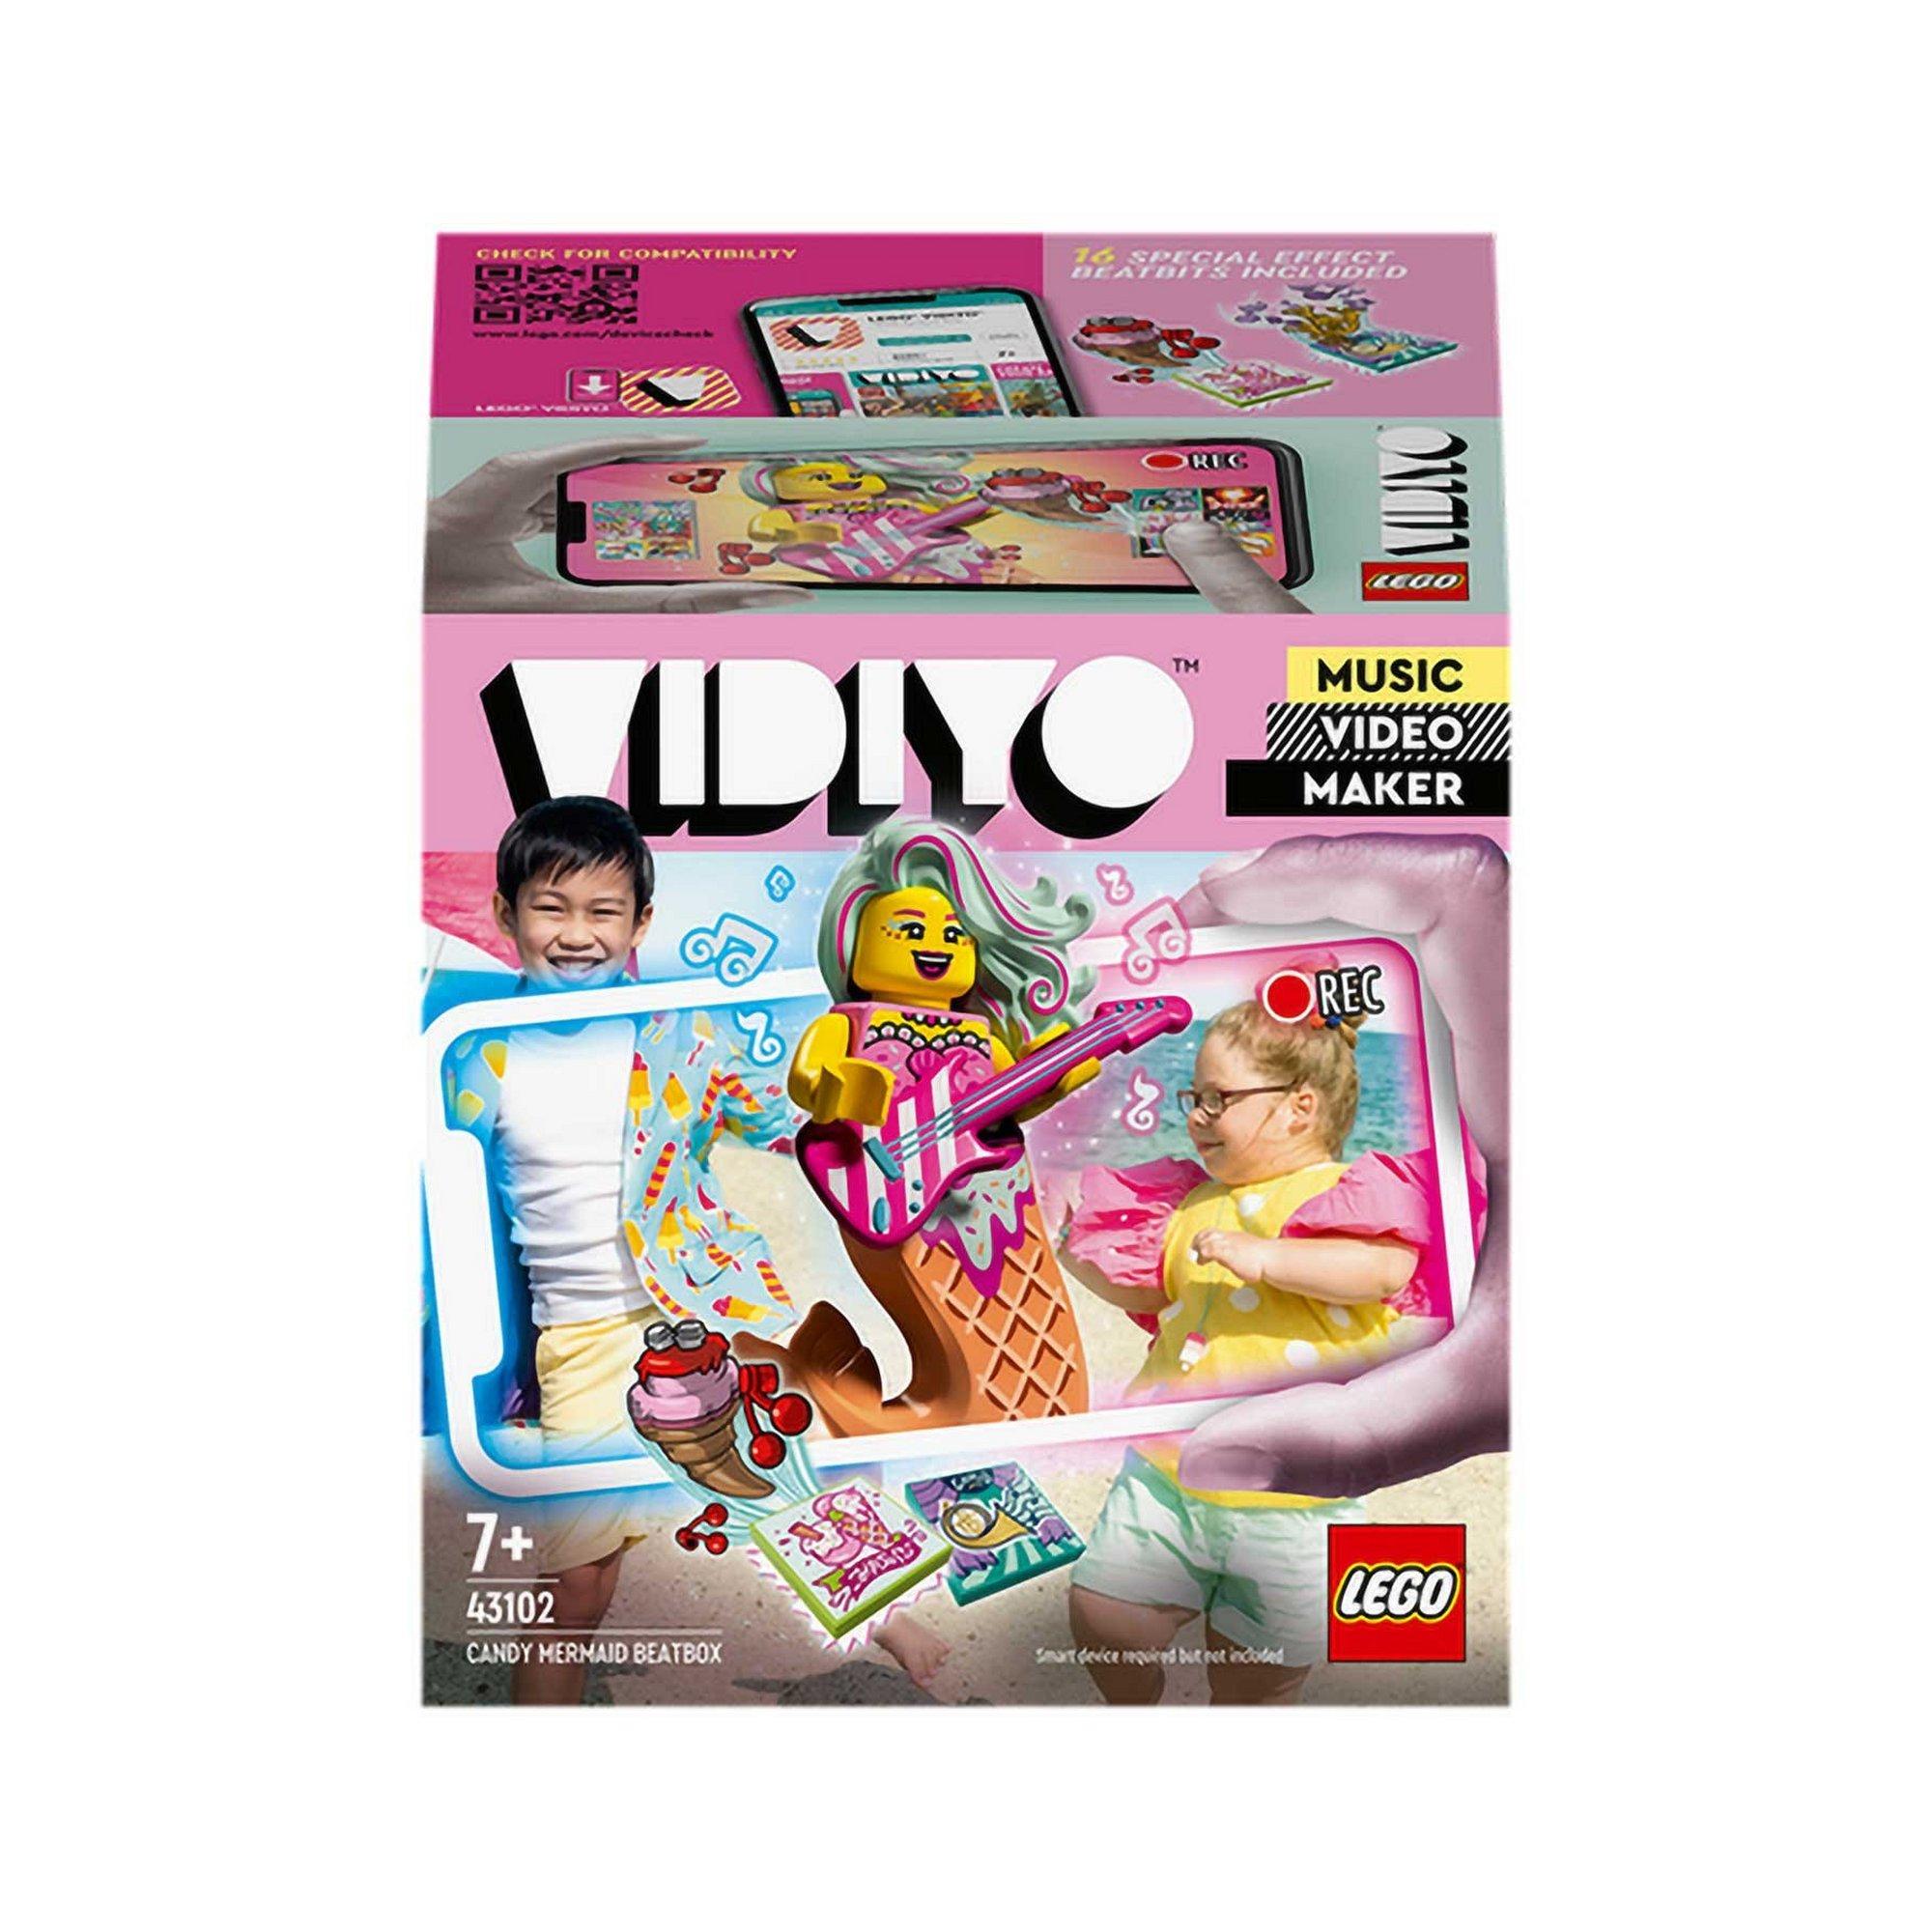 Image of LEGO VIDIYO Candy Mermaid BeatBox Music Set